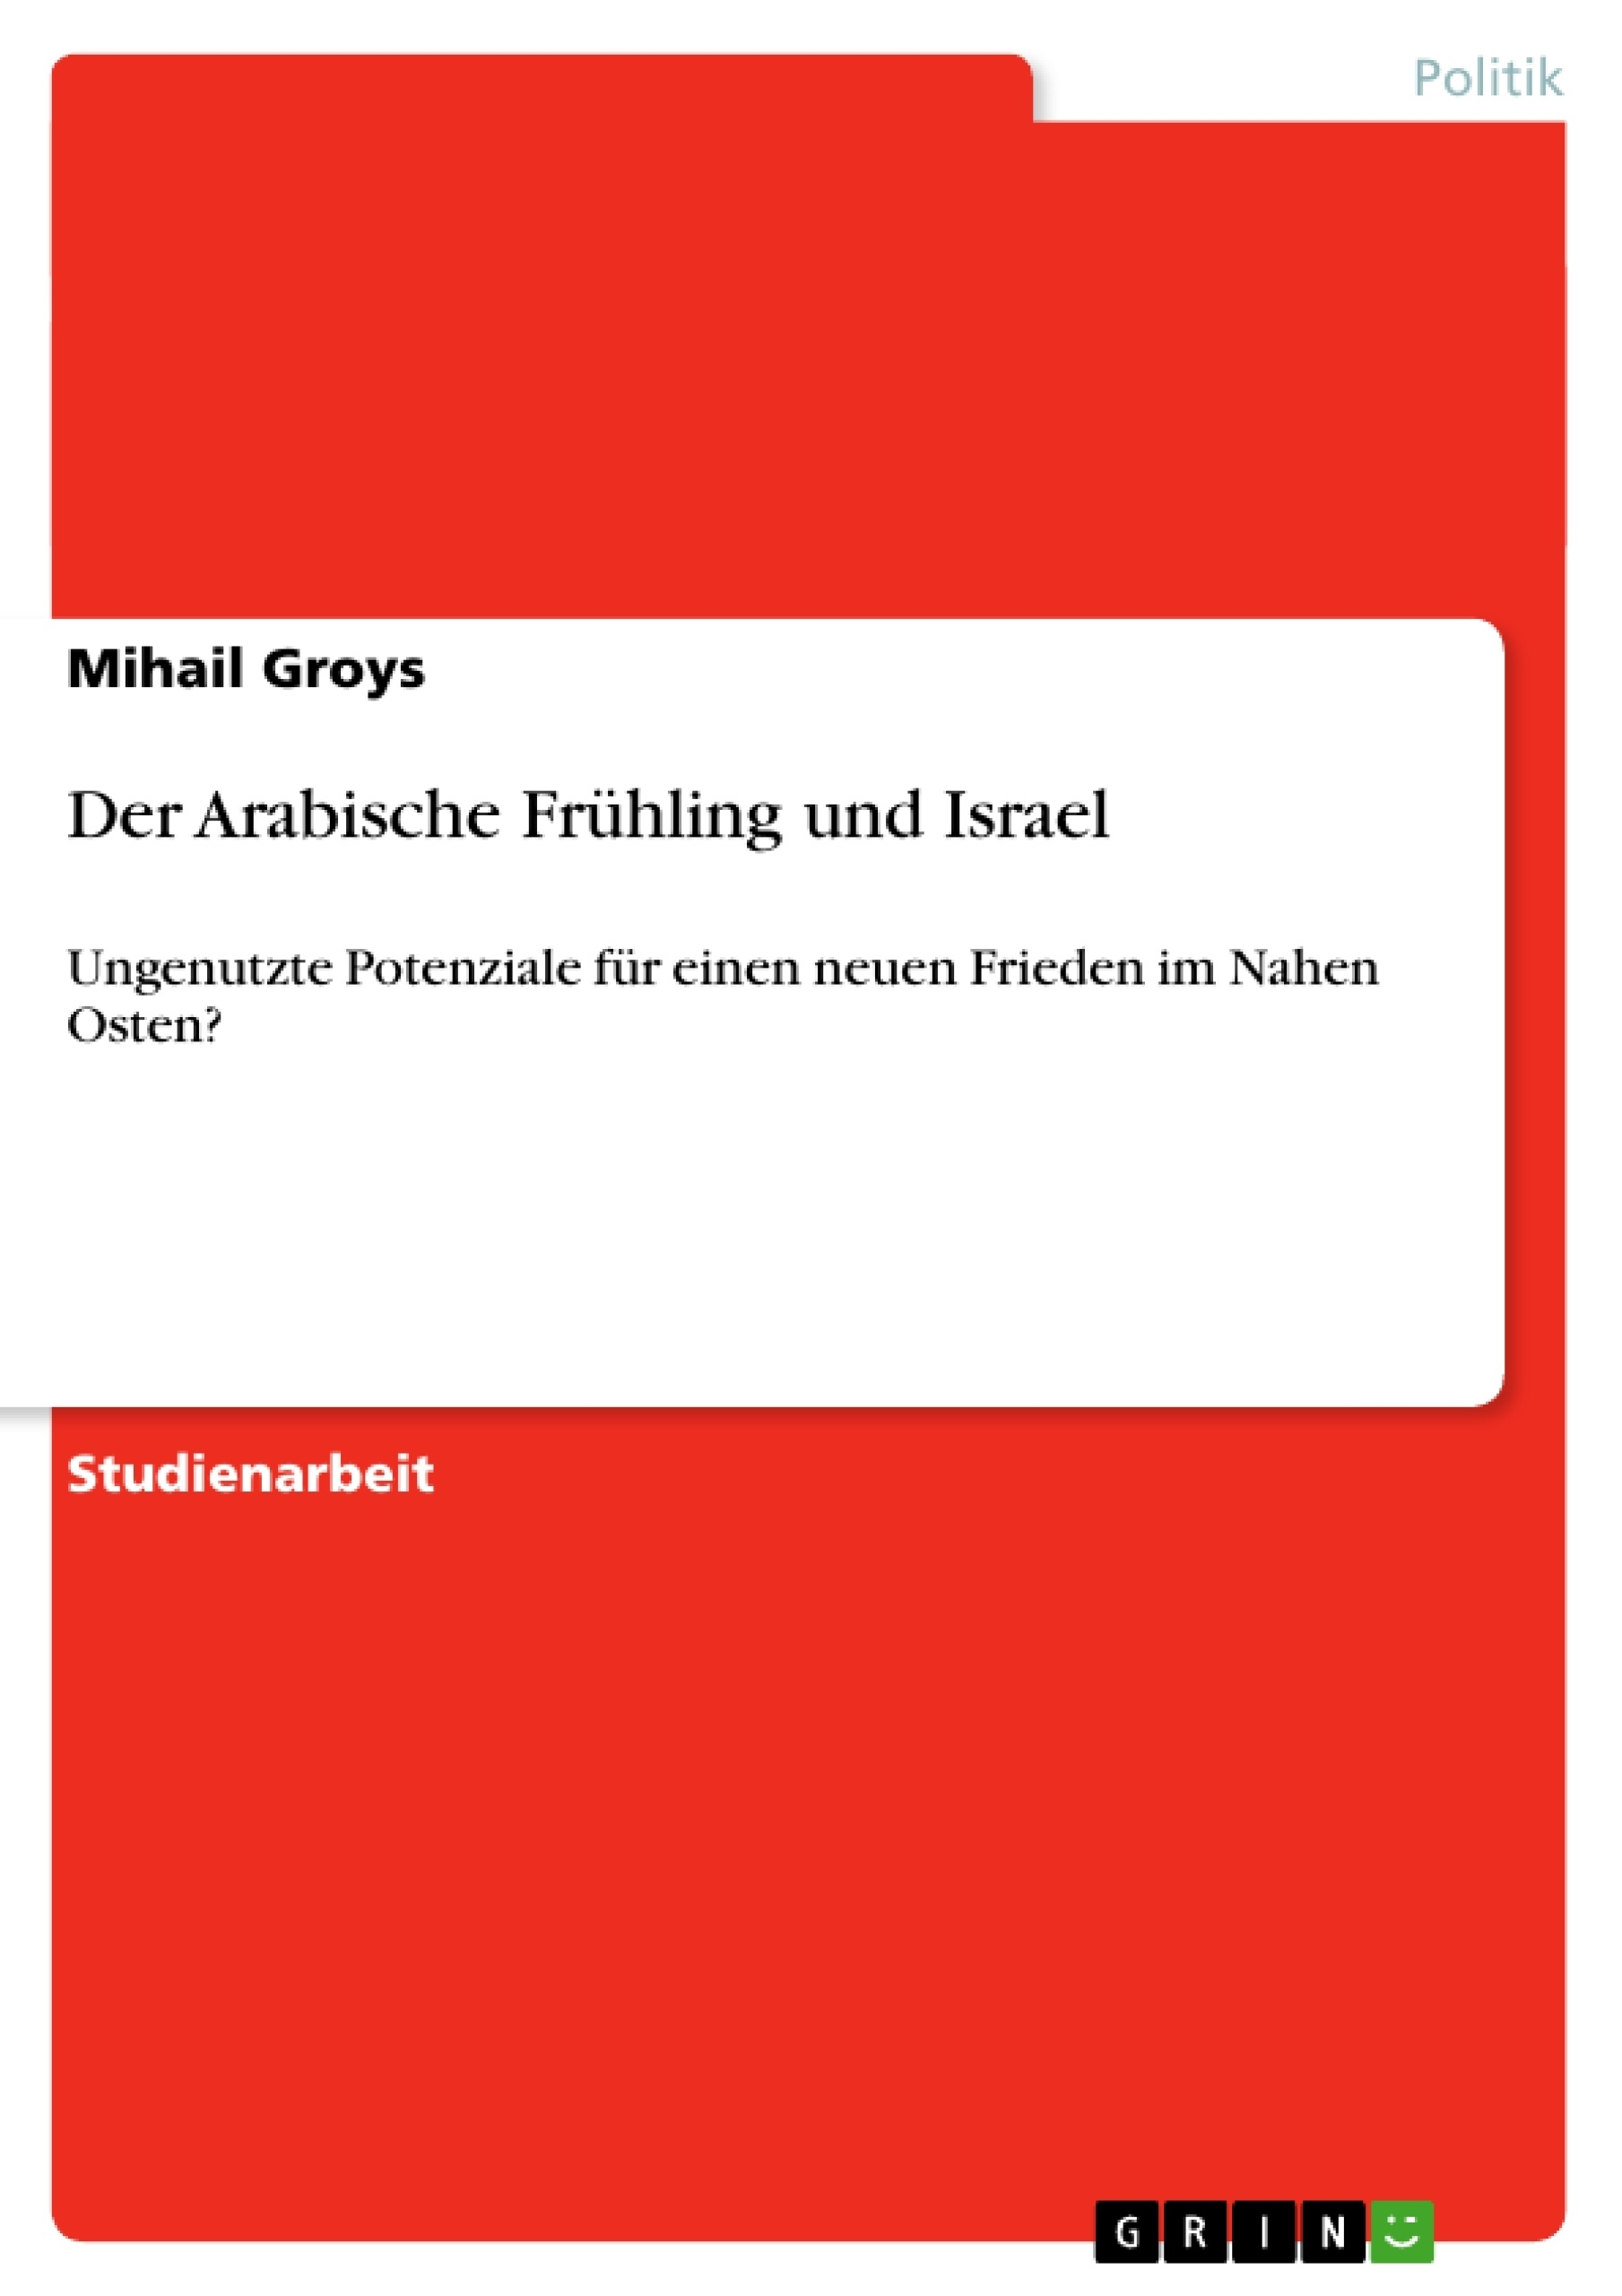 Titel: Der Arabische Frühling und Israel